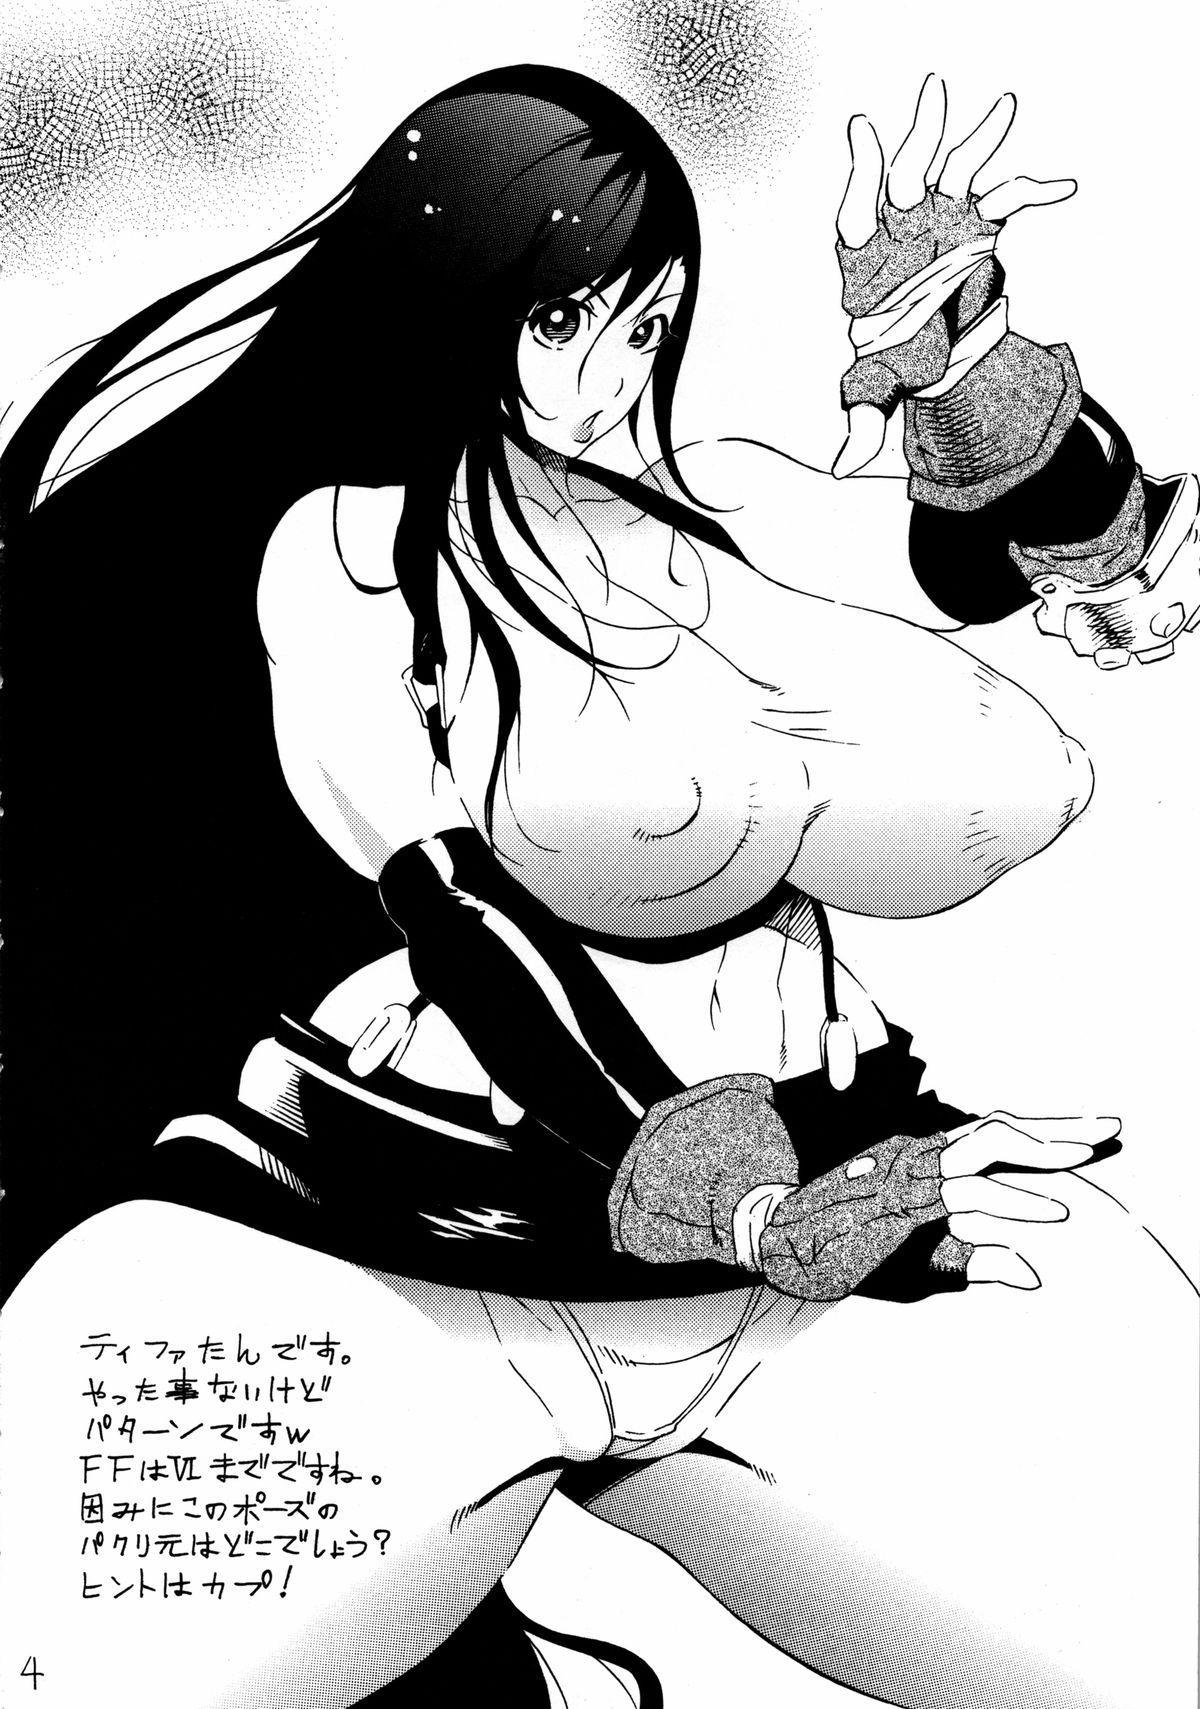 Tonikaku Suki Chara wo Hitasura ni Kaite Kaite Kakimakutta dake no Hon 4